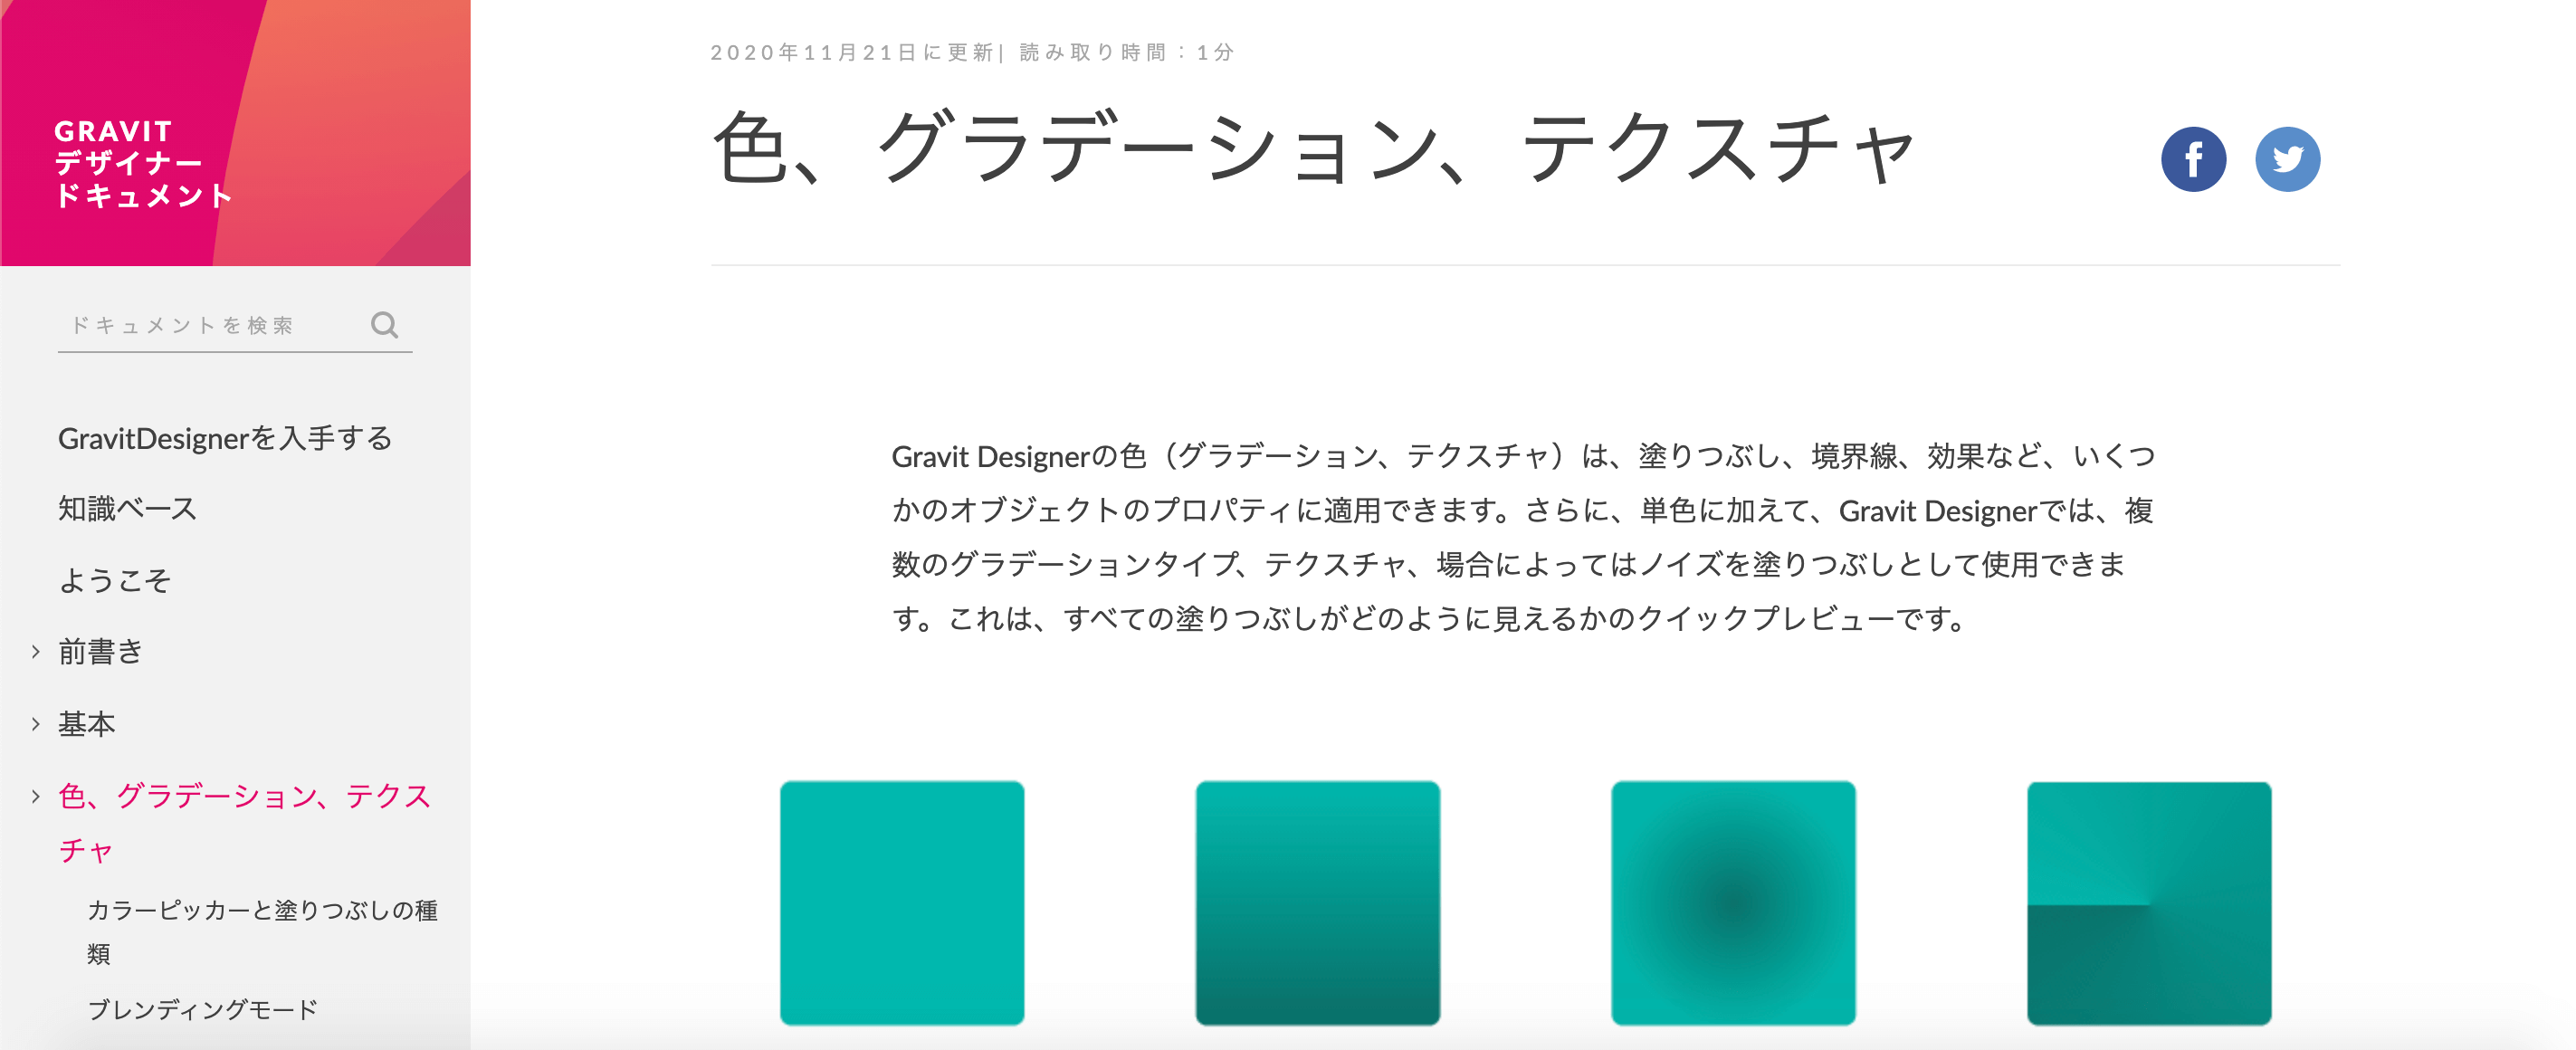 日本語化したガイド